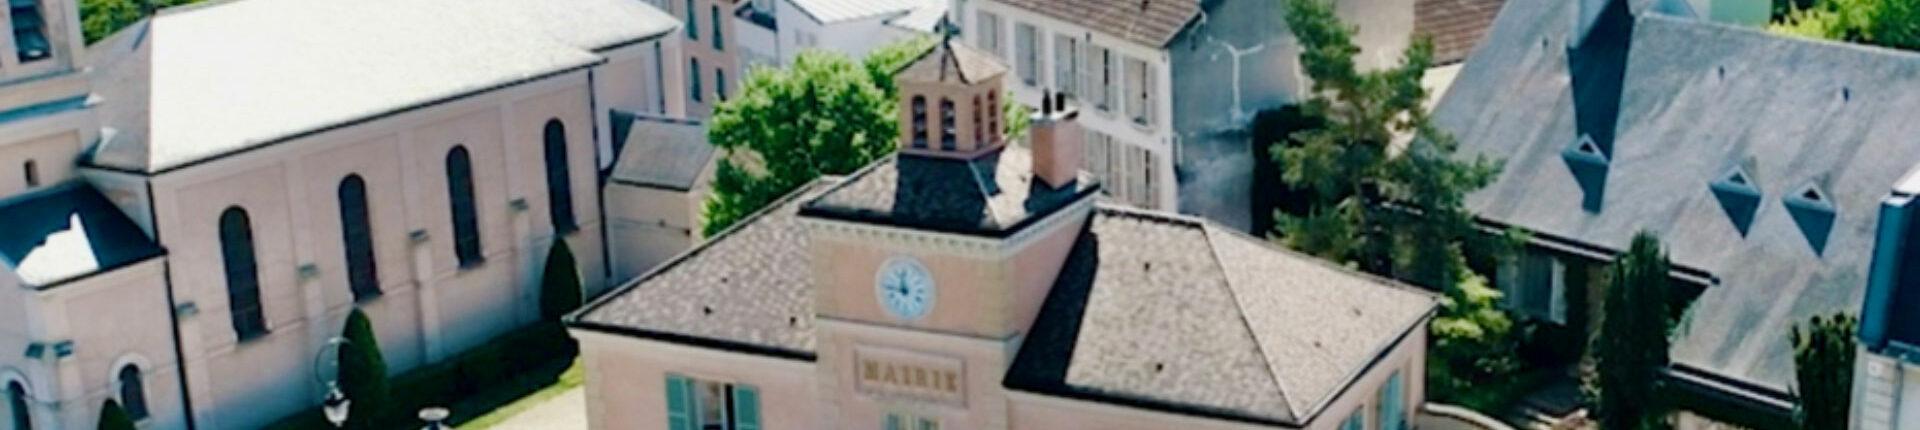 Offre d'emploi à Marnes-la-Coquette : surveillant temps périscolaire